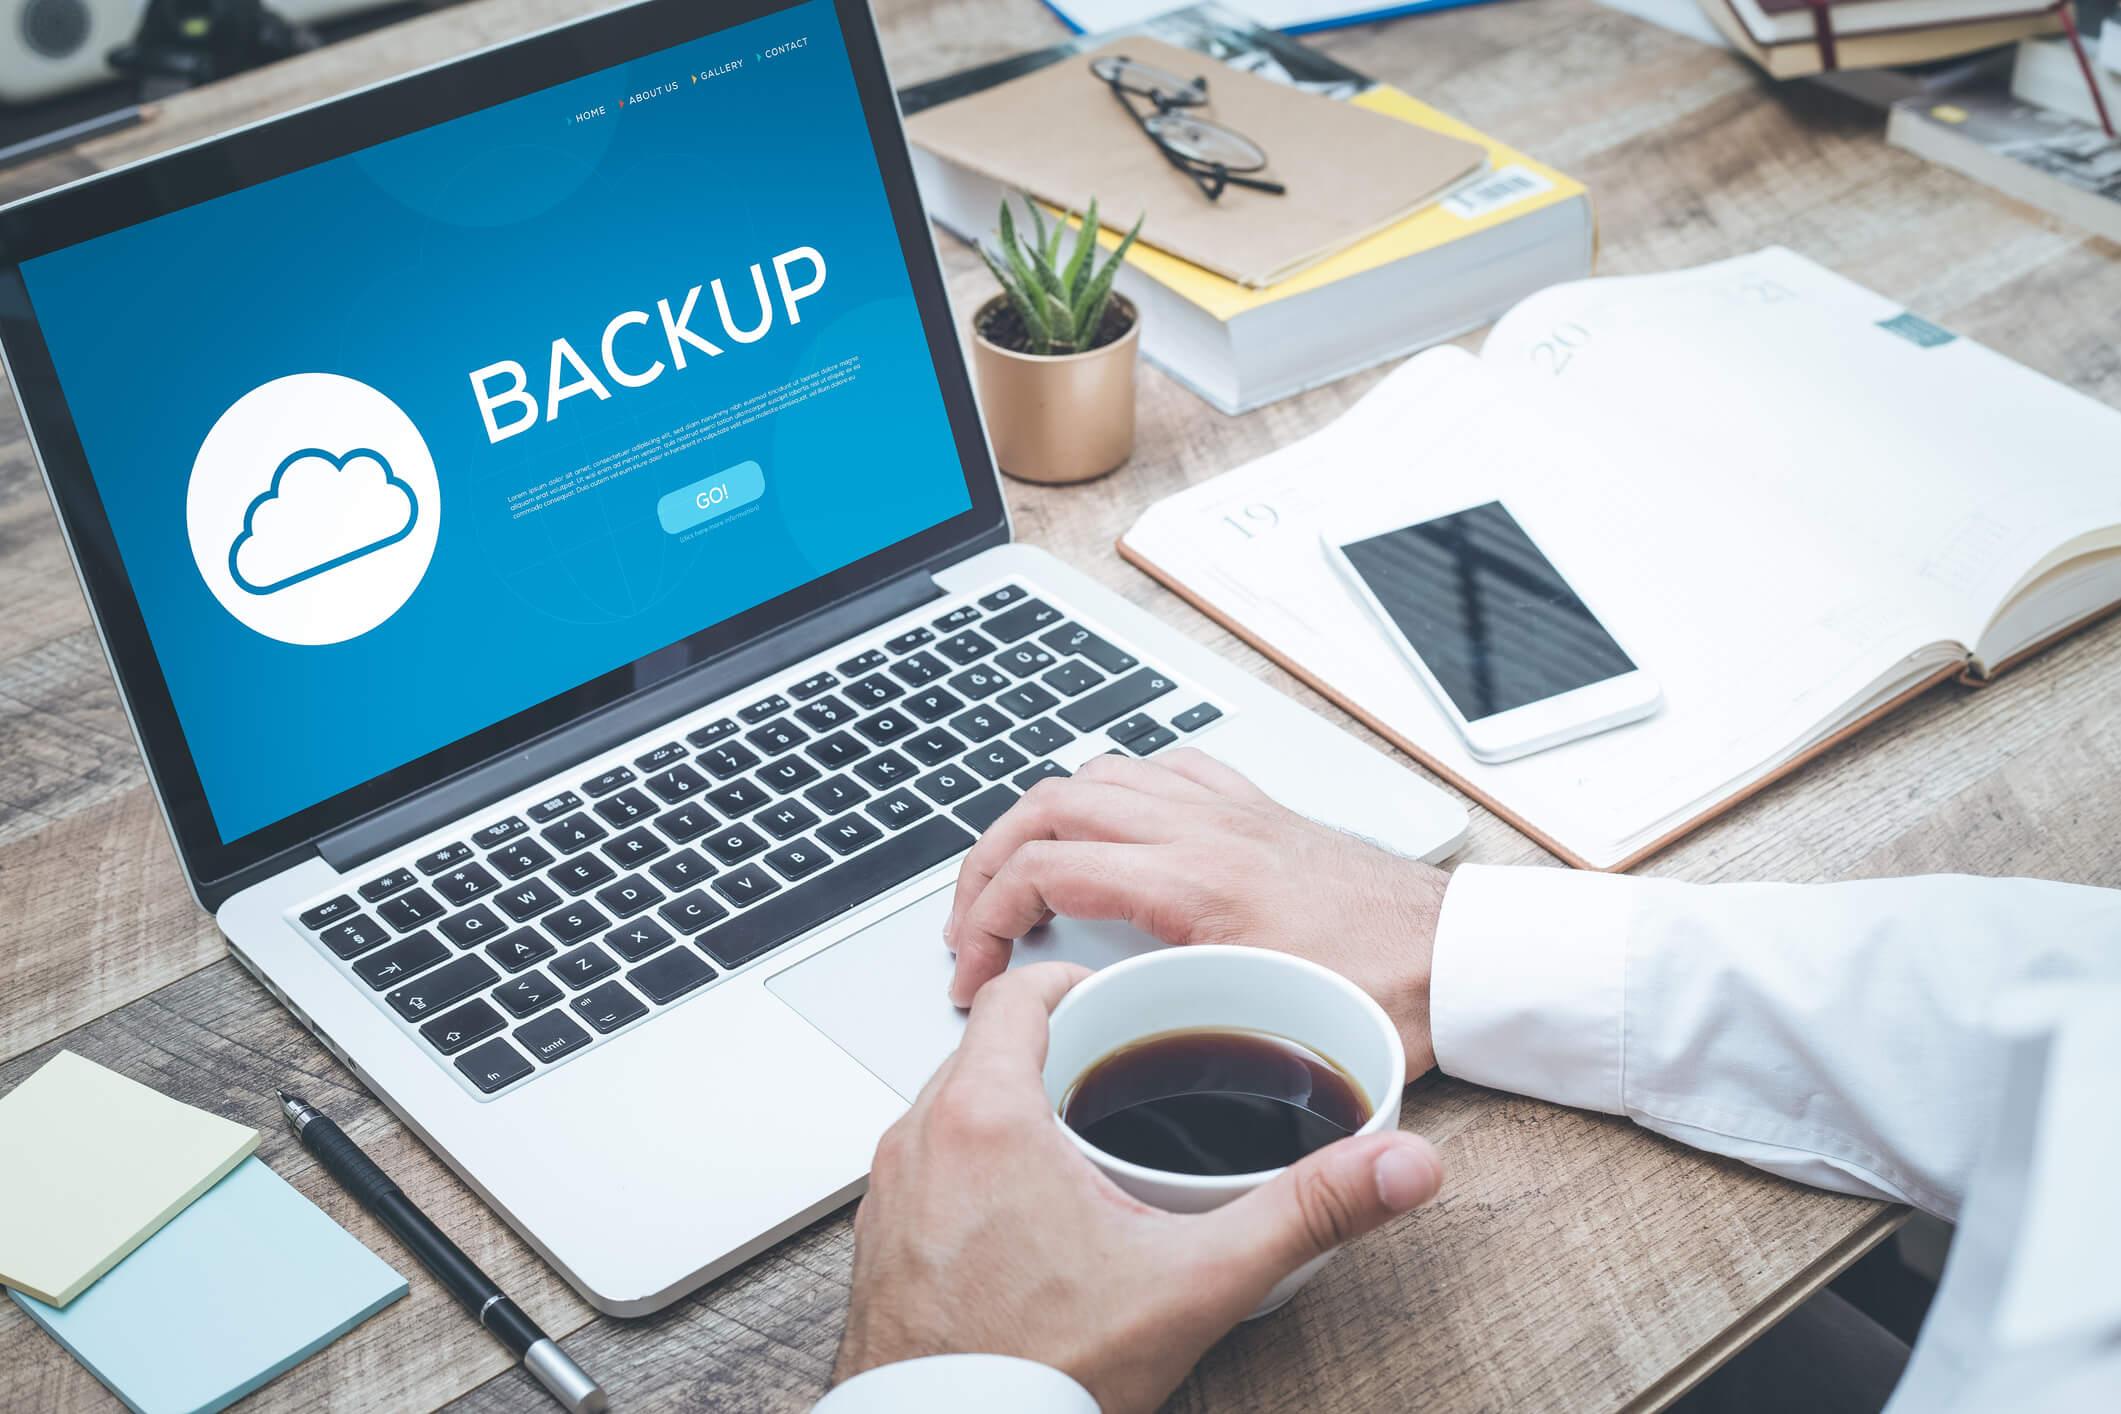 Backup Online: Você Já Ouviu Falar? Conheça A Seguir Esse Serviço!